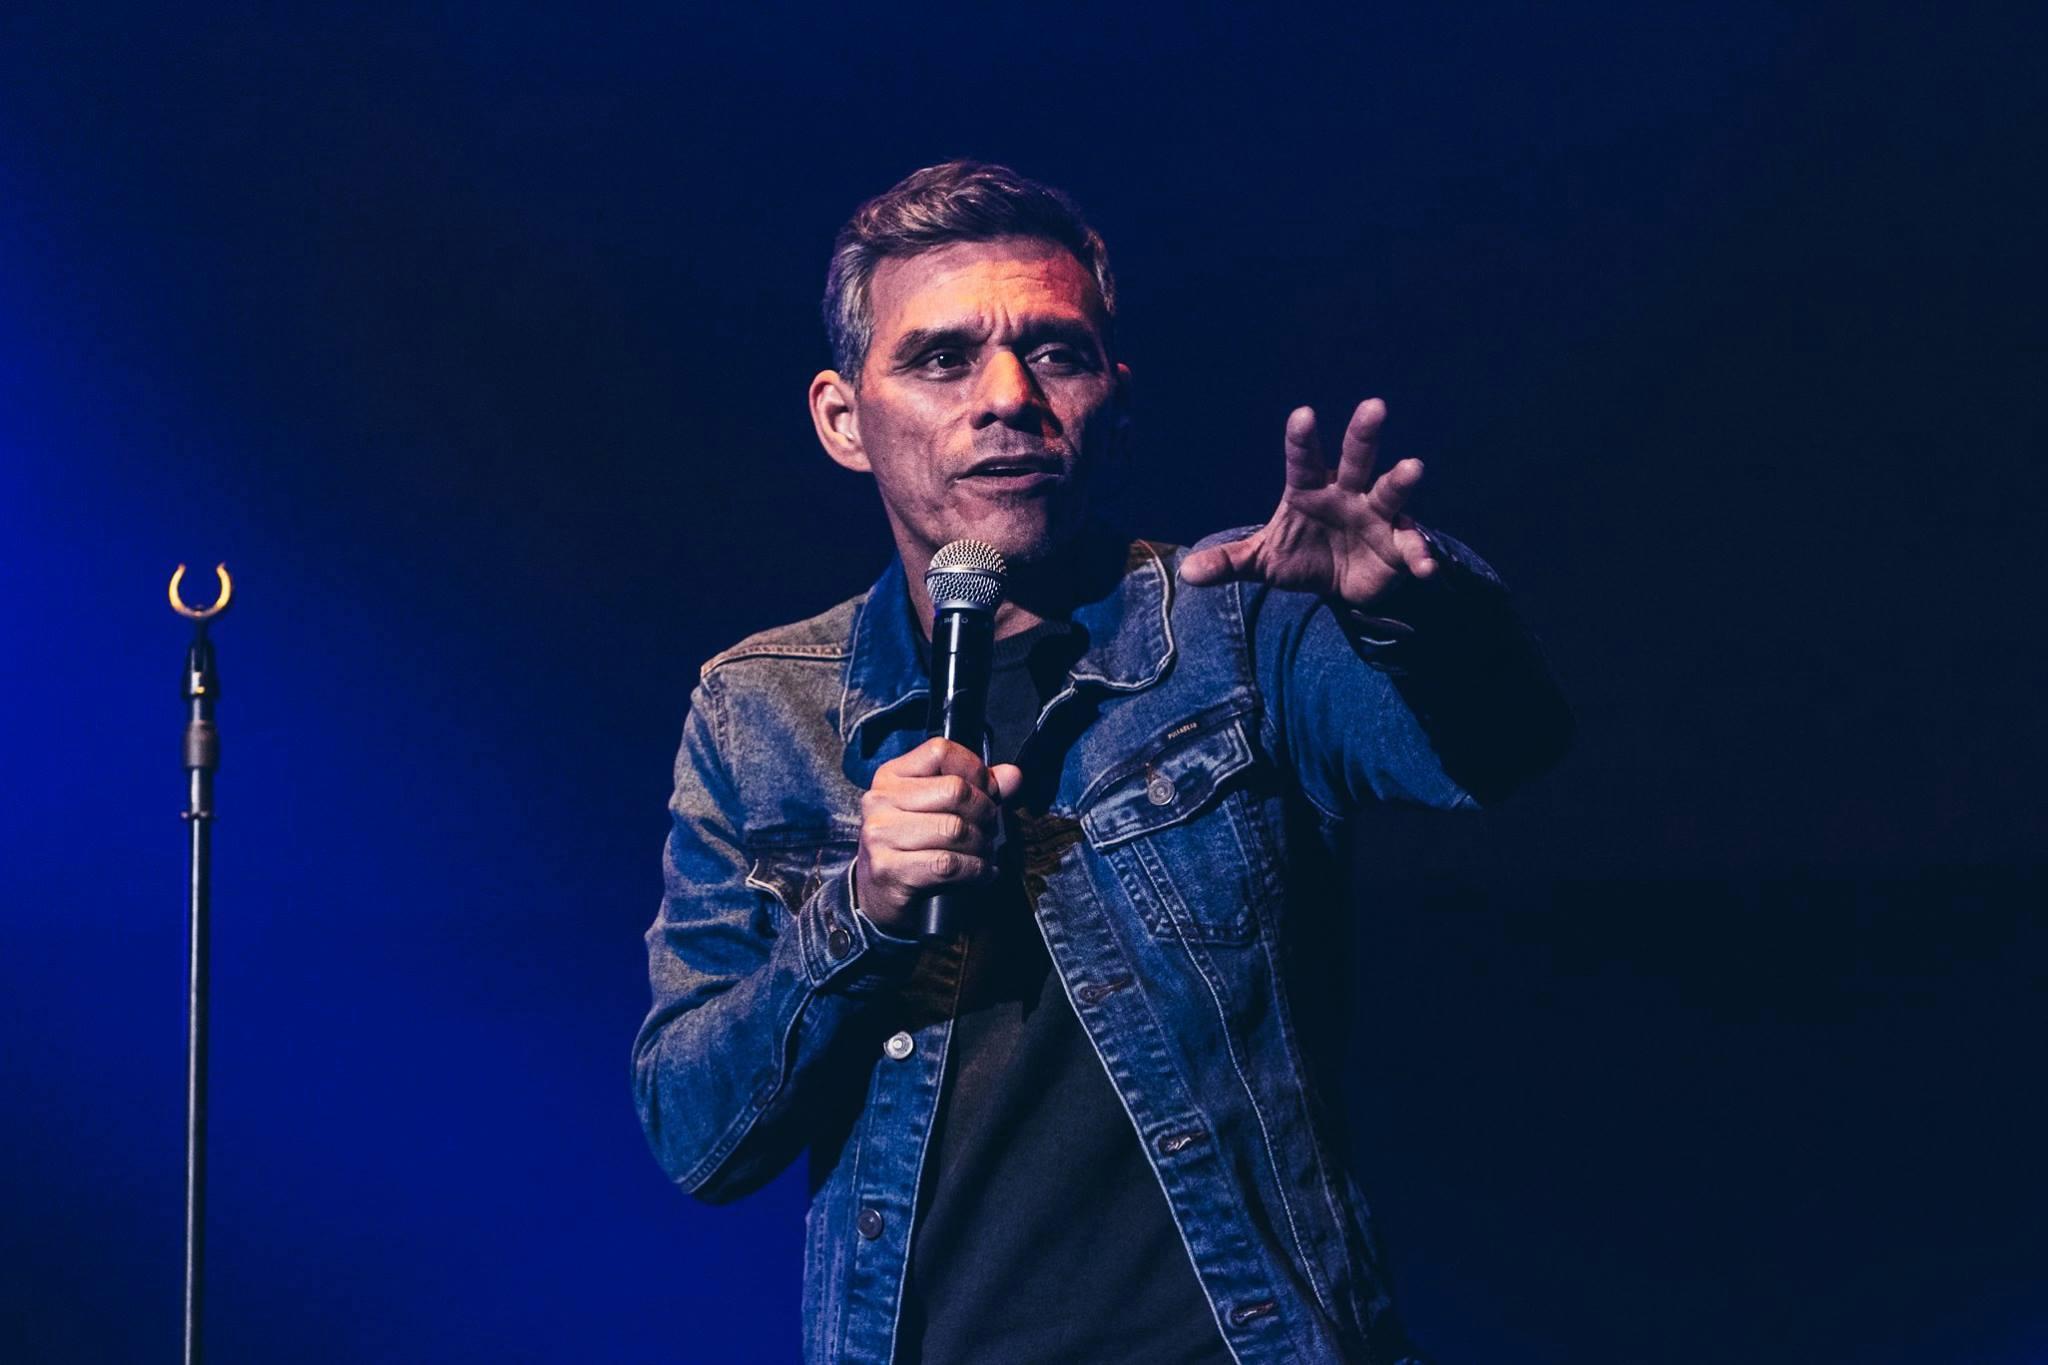 El salmista guatemalteco Julio Melgar publicó varios discos y participó en múltiples conciertos (Foto Prensa Libre: Facebook Julio Melgar).